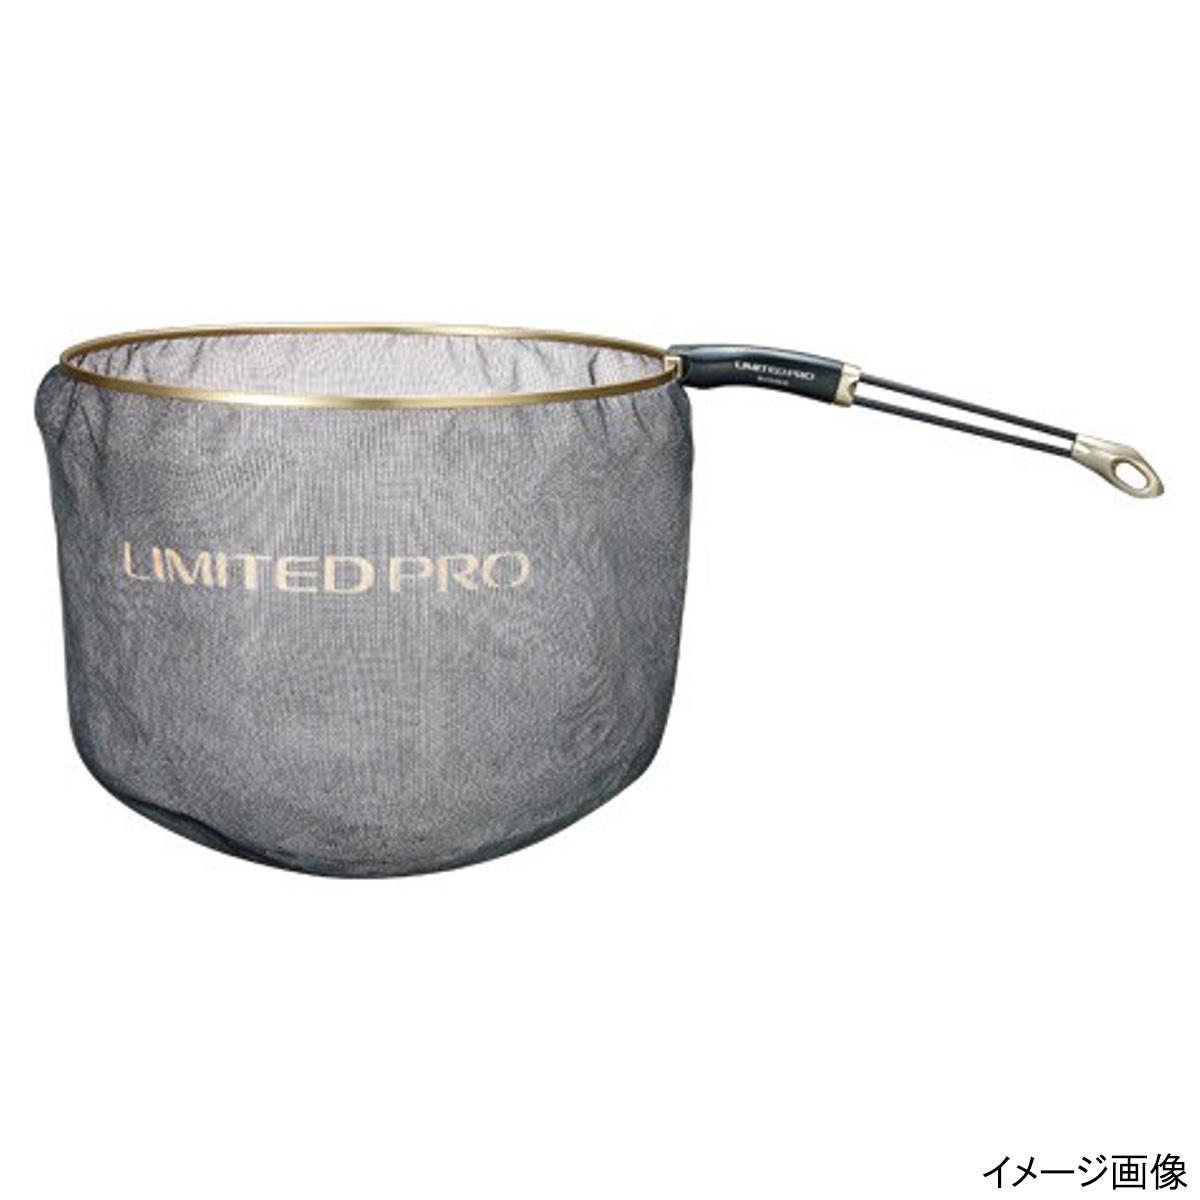 シマノ 鮎ダモ LIMITED PRO TM-321P 39cm ブラック